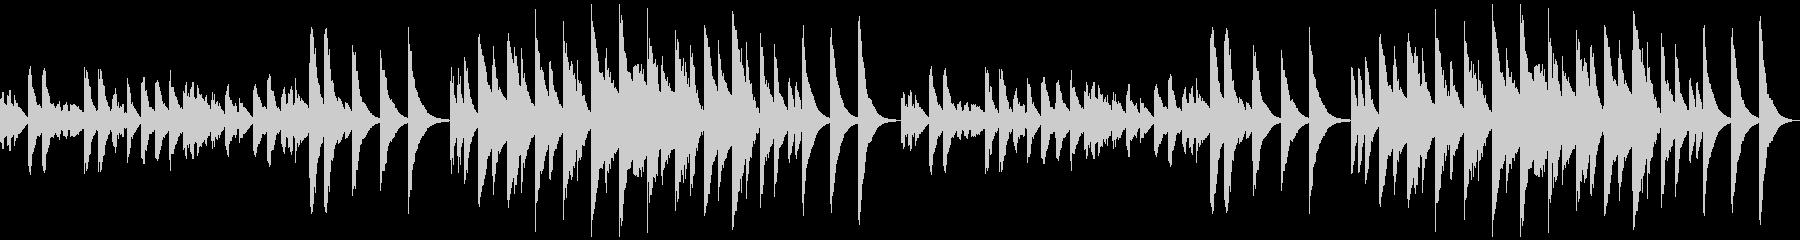 3分クッキングの原曲(マリンバ)ループの未再生の波形